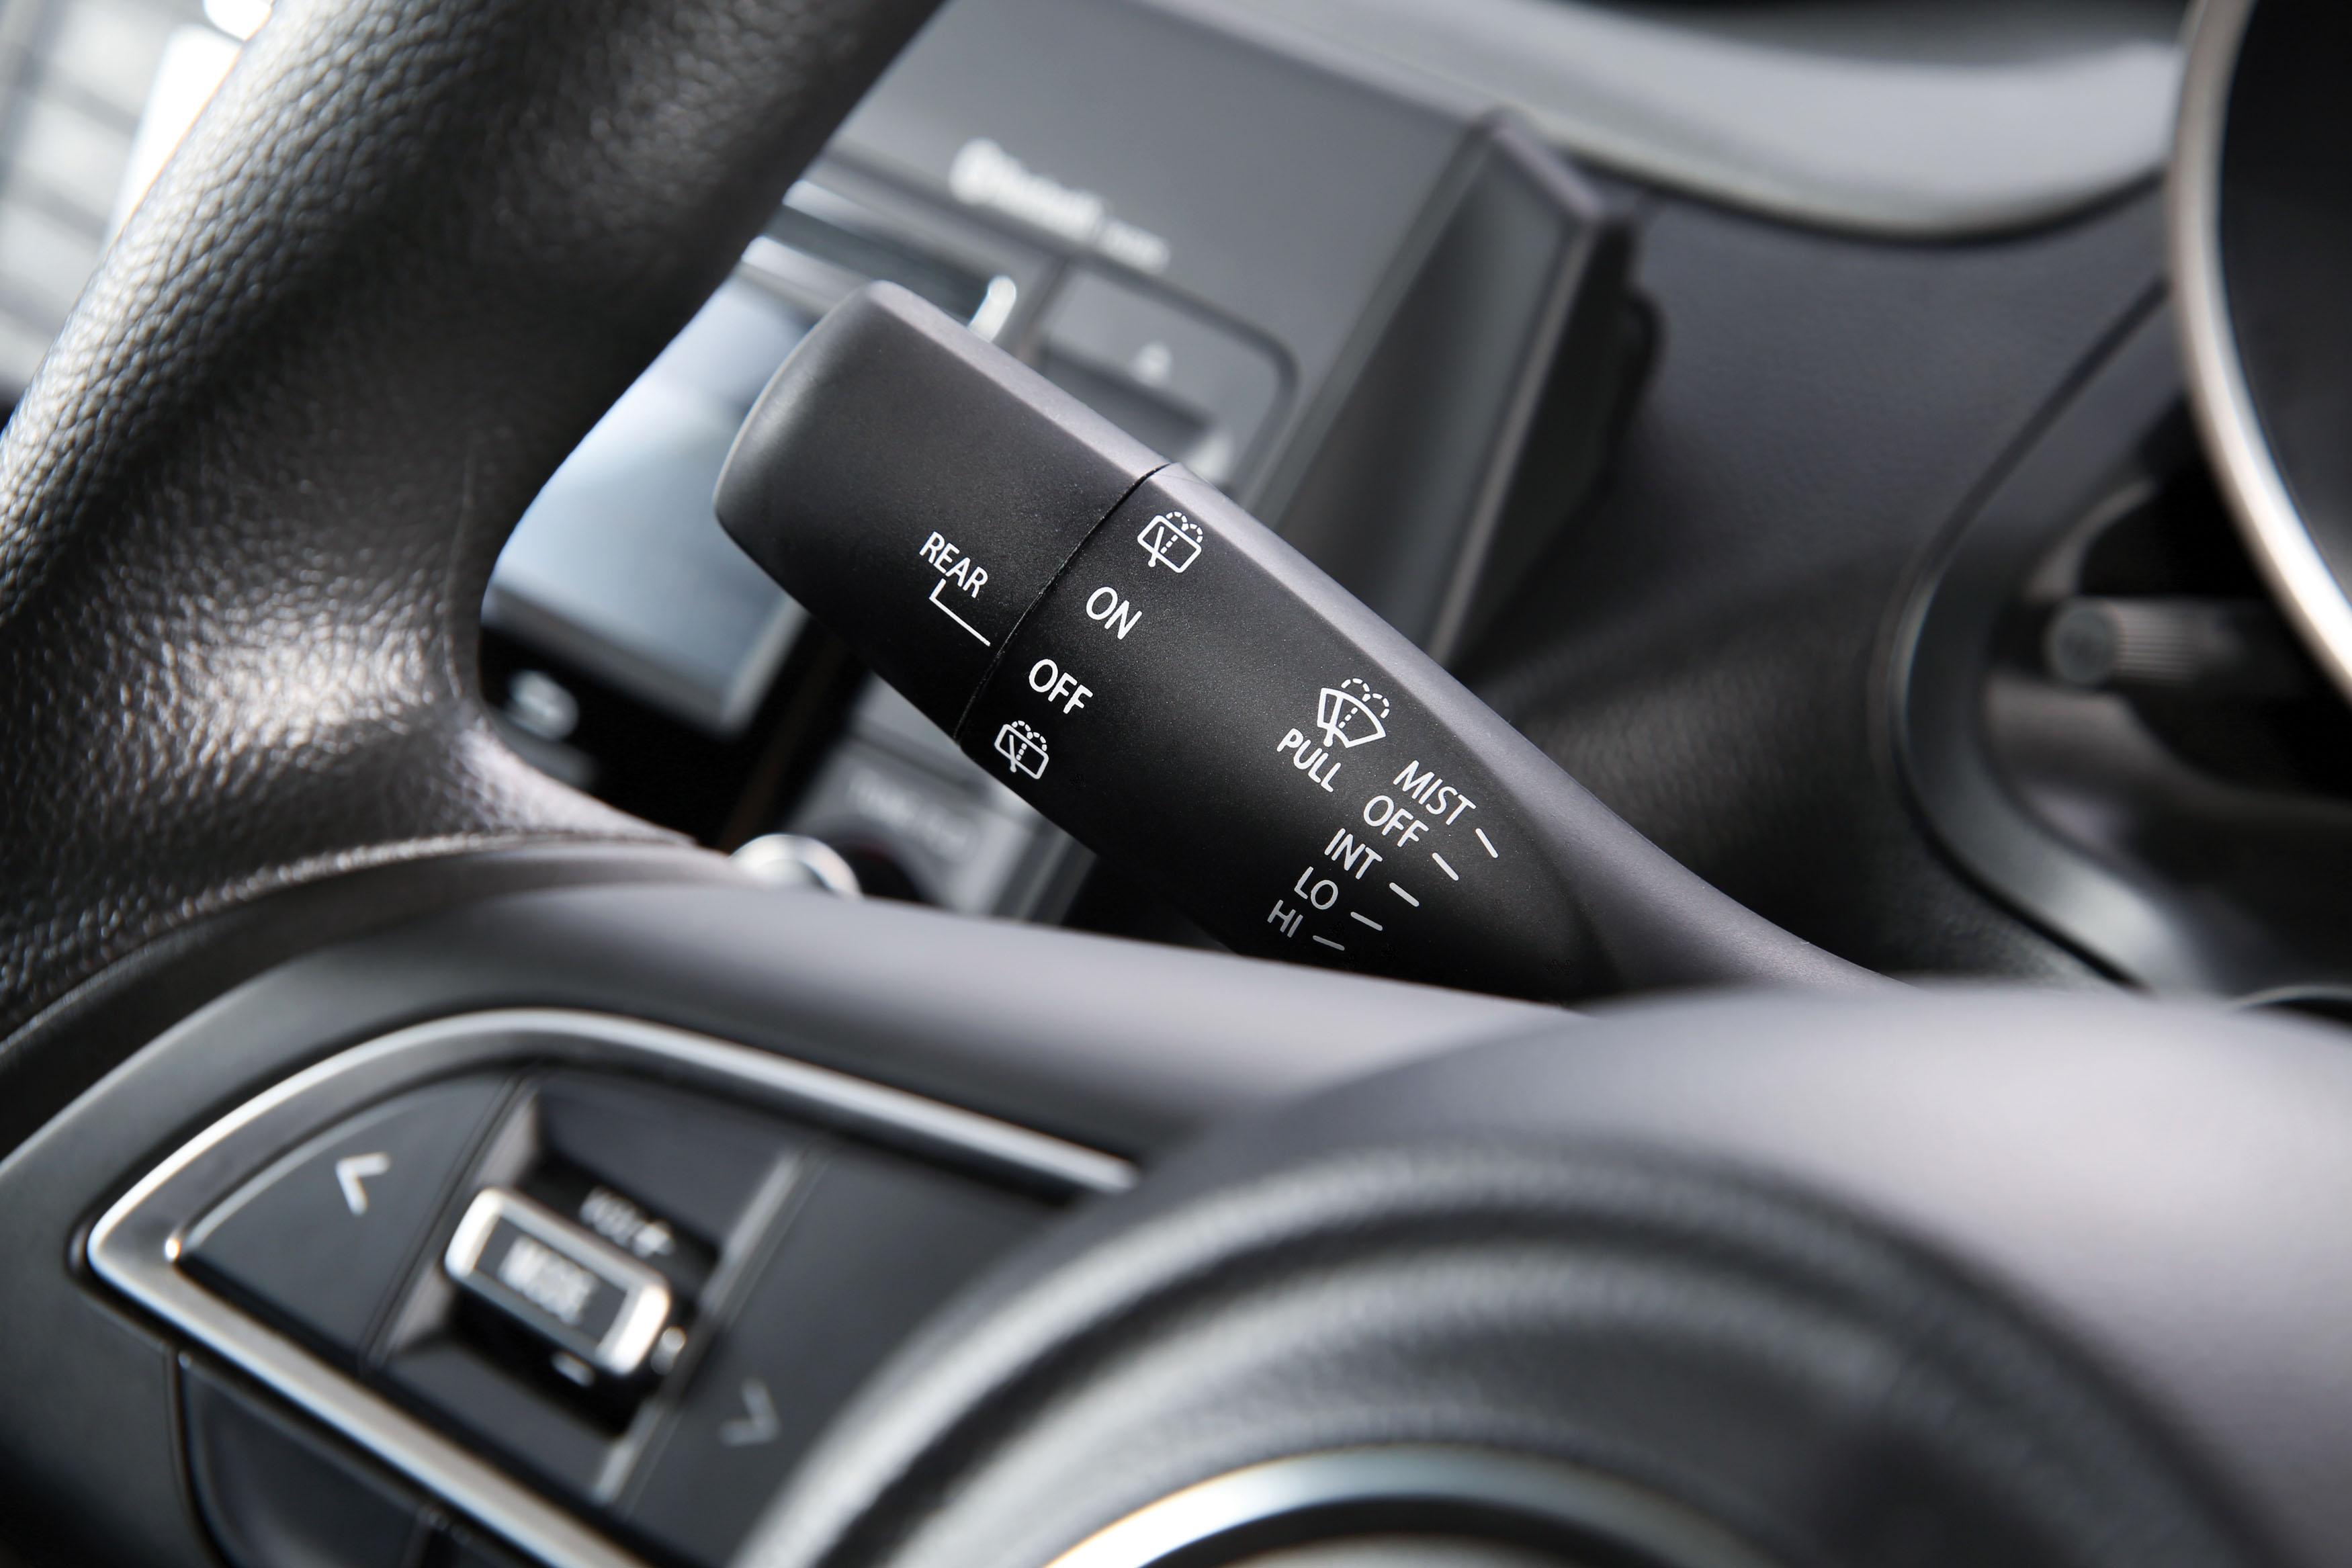 MOTORING: New Suzuki Swift: More of the same – just b